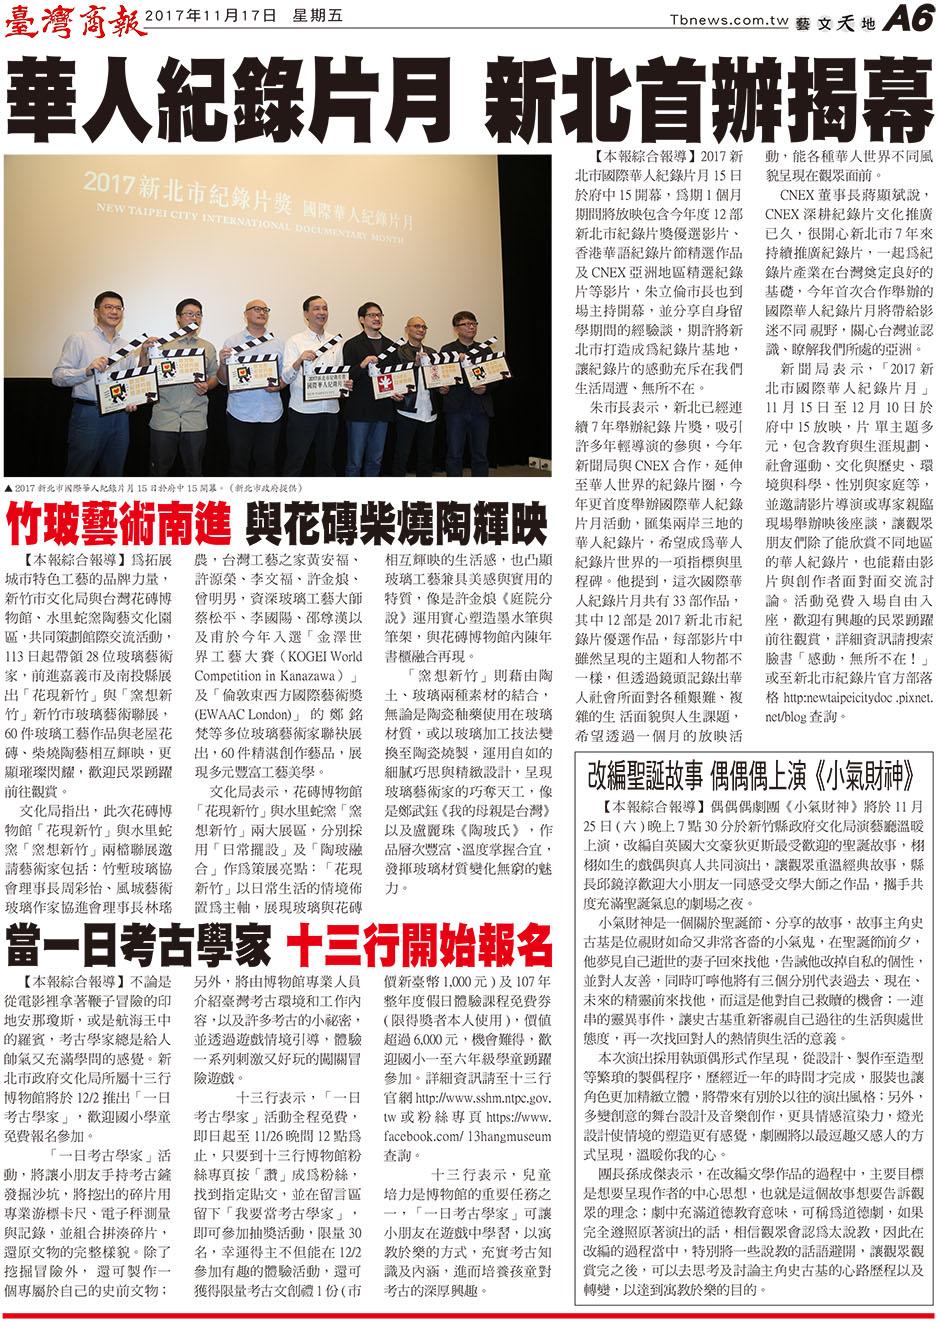 華人紀錄片月 新北首辦揭幕